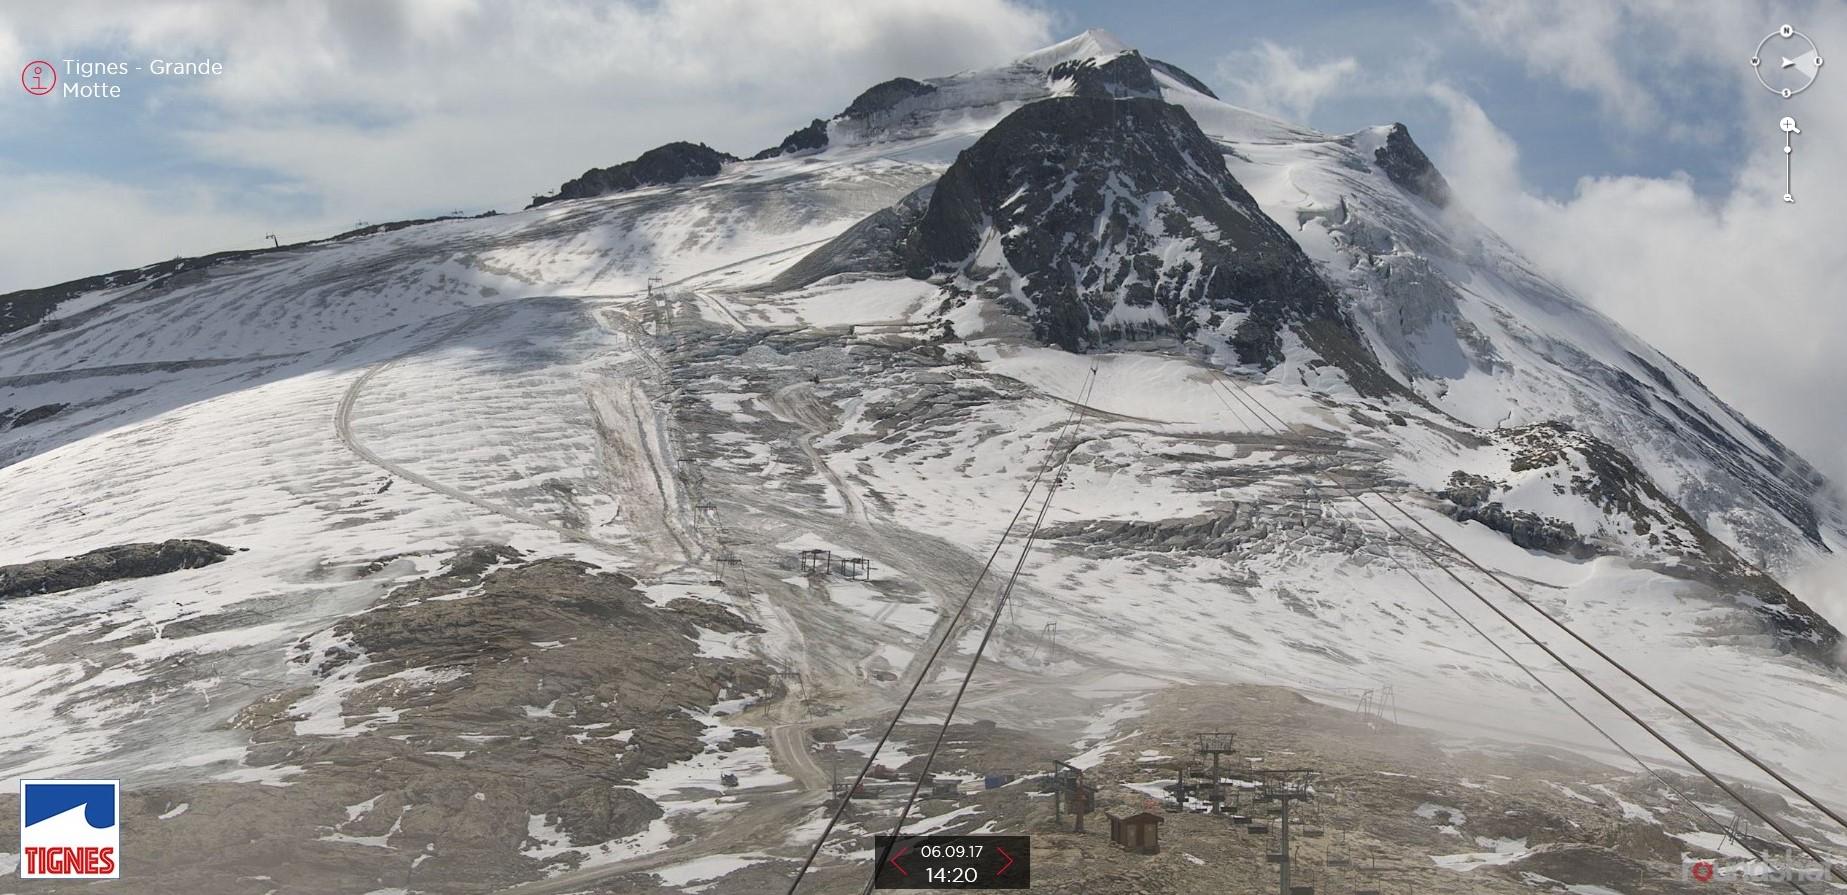 Nowcasting nivo-glacale alpi autunno 2017-grande-motte-06.09.17.jpg